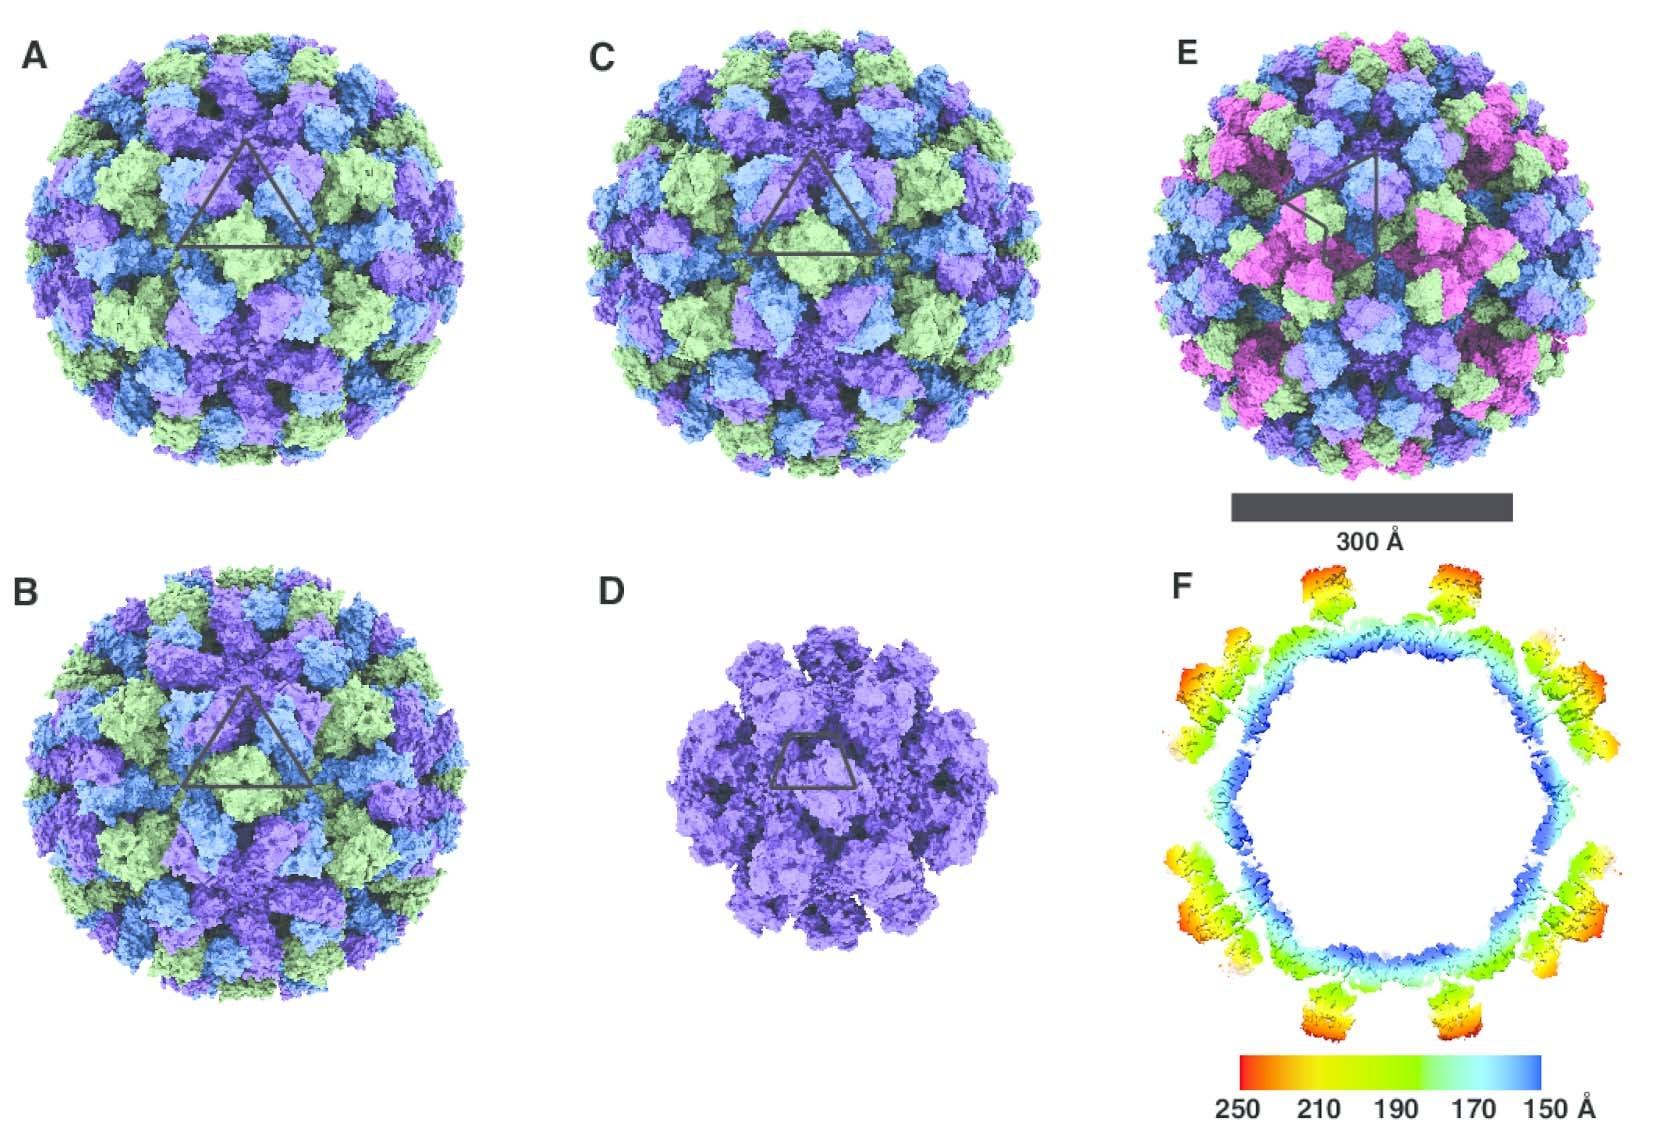 norovirus strain capsids